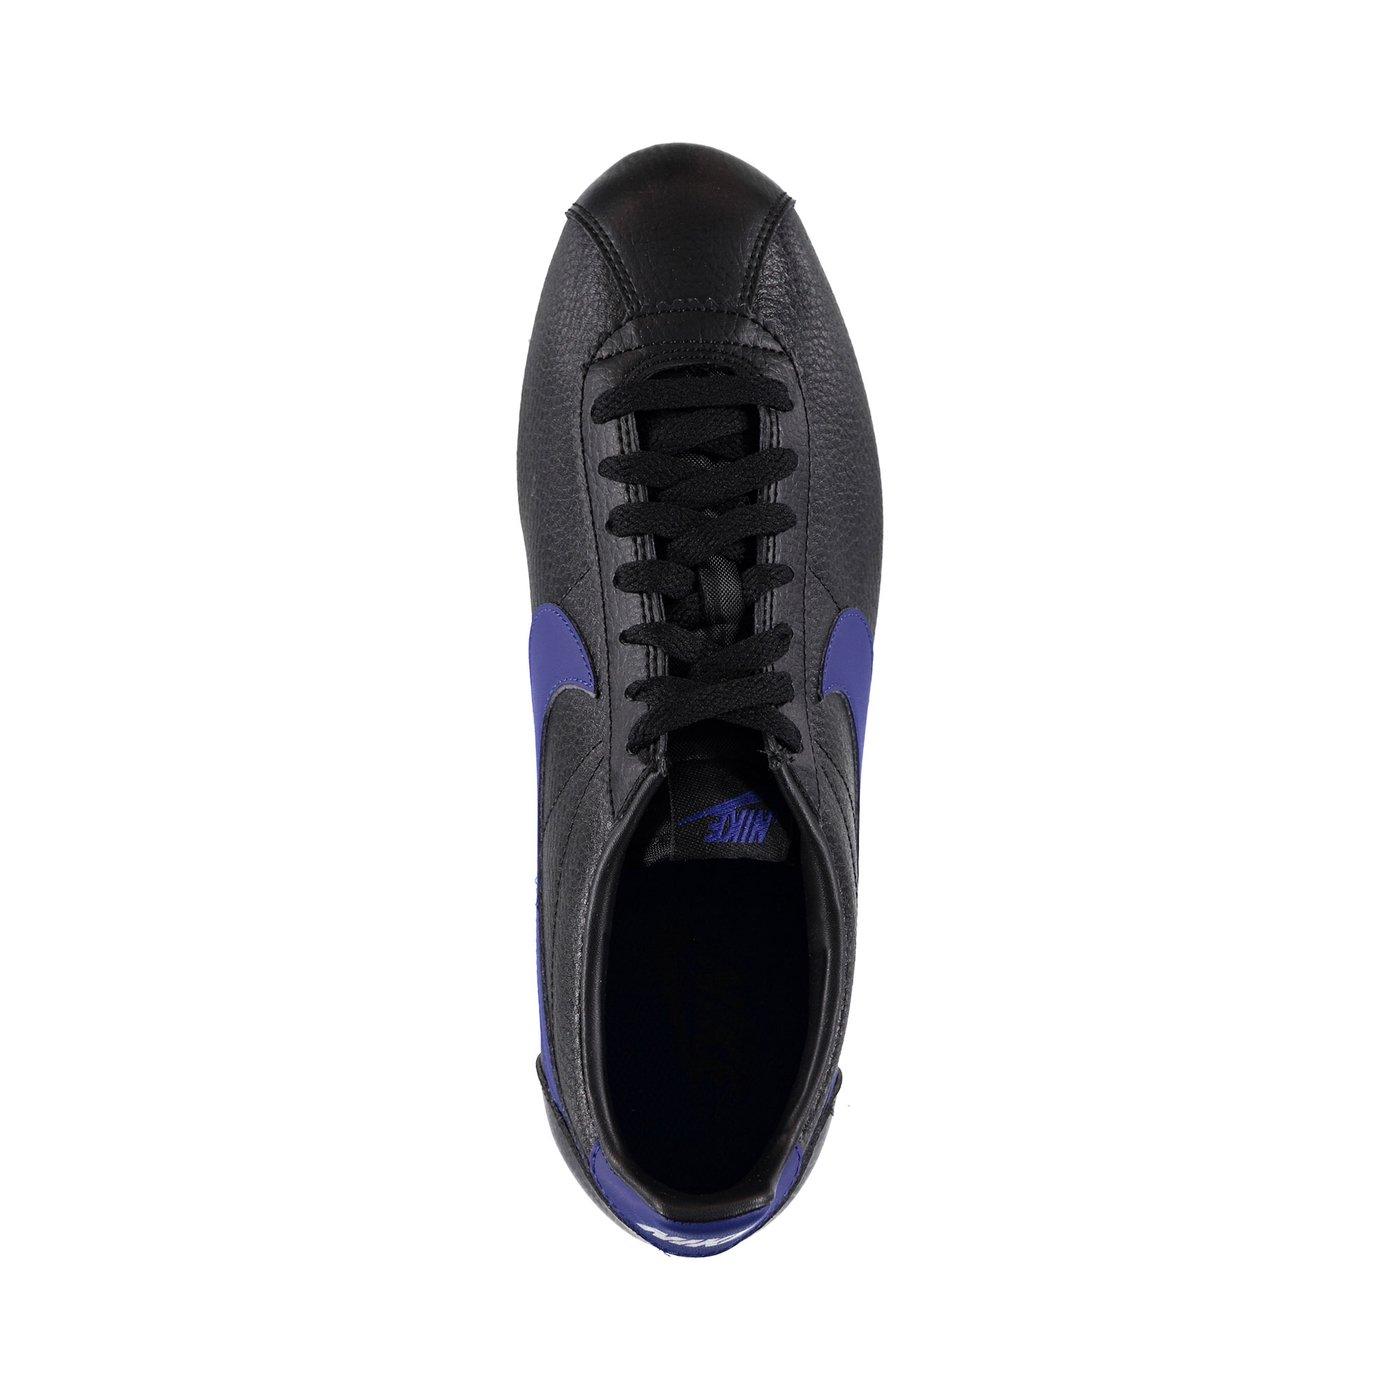 Nike Classic Cortez Erkek Siyah Spor Ayakkabı